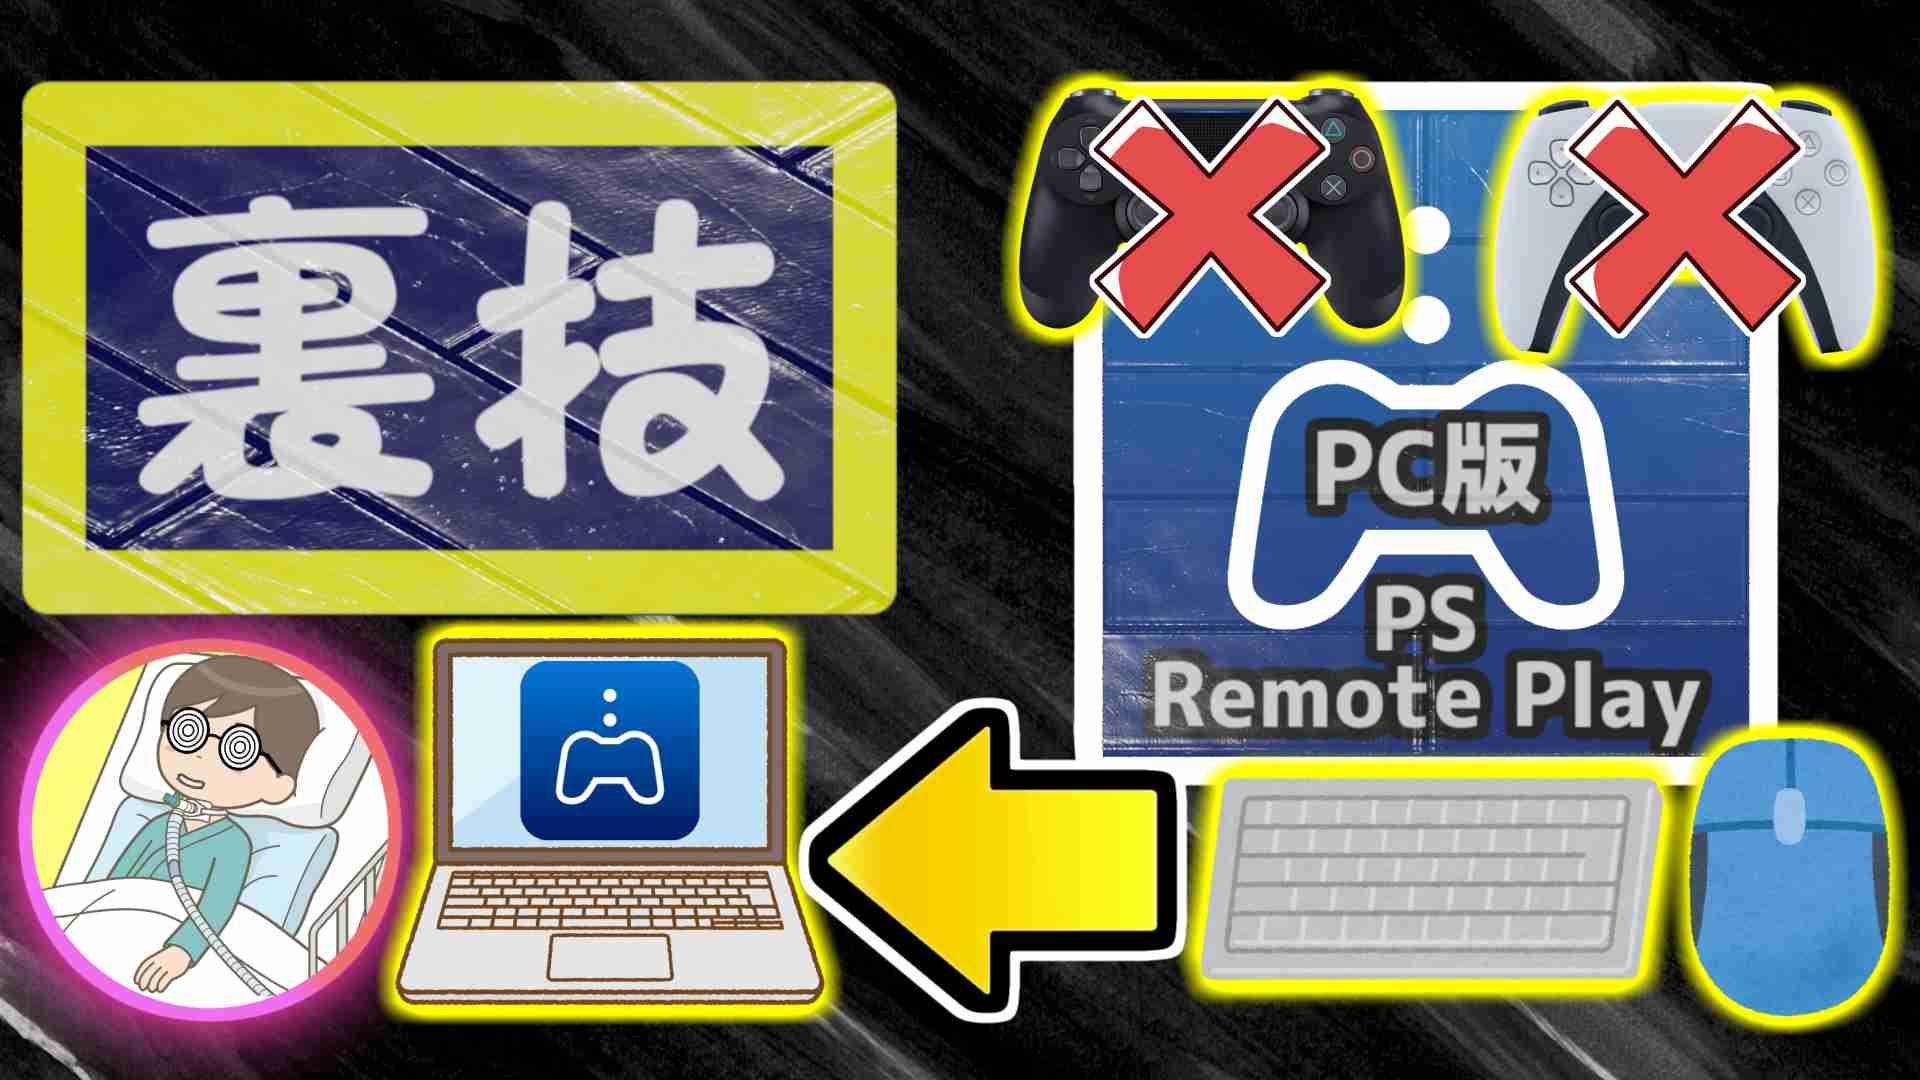 ブログ記事「【裏技】PC版PSリモートプレイでマウスとキーボードを使う【Titan One/Titan Two】」のサムネイル画像